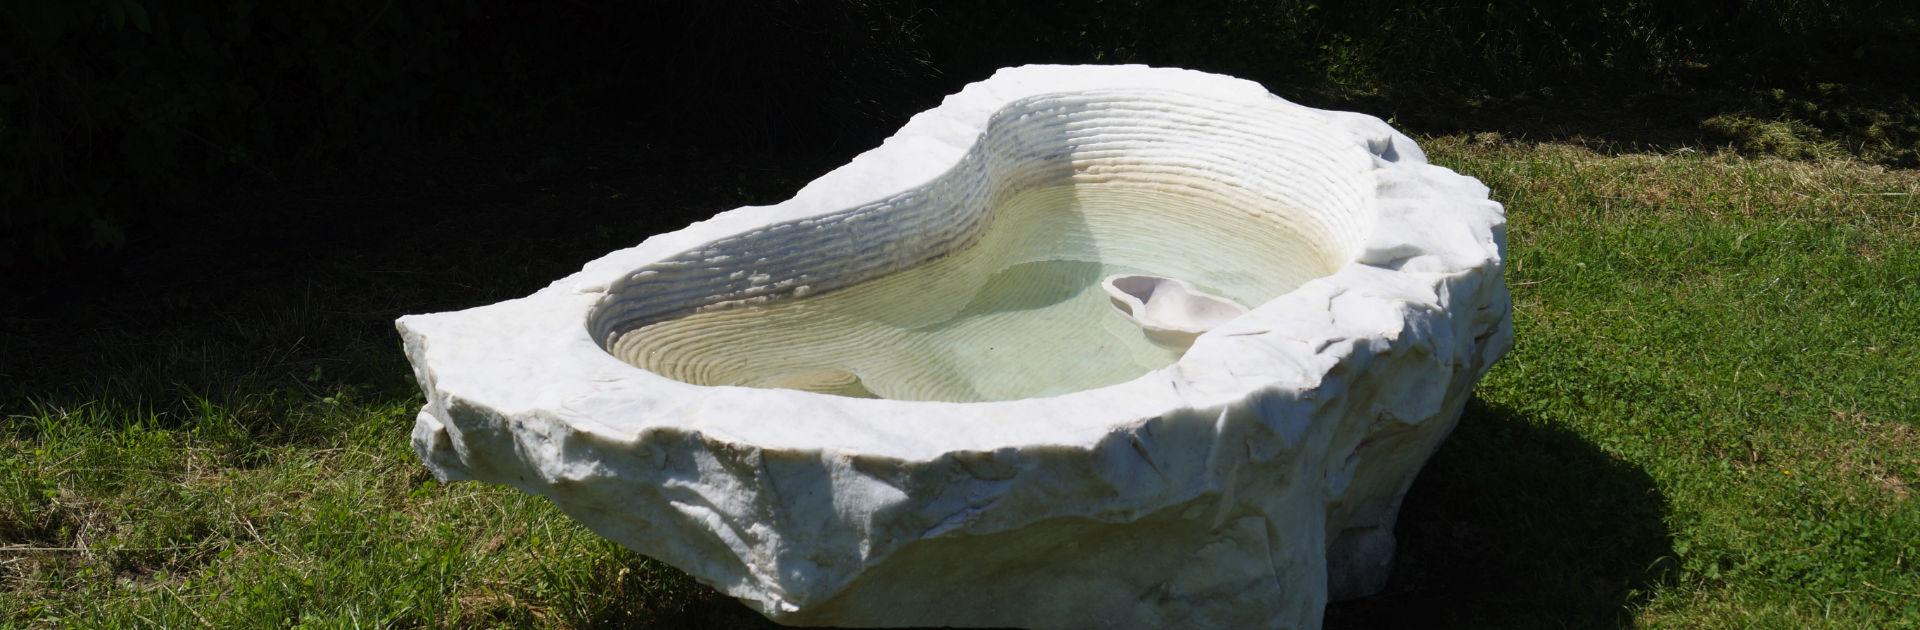 Künstler Luciano Massari im Giardino di Daniel Spoerri